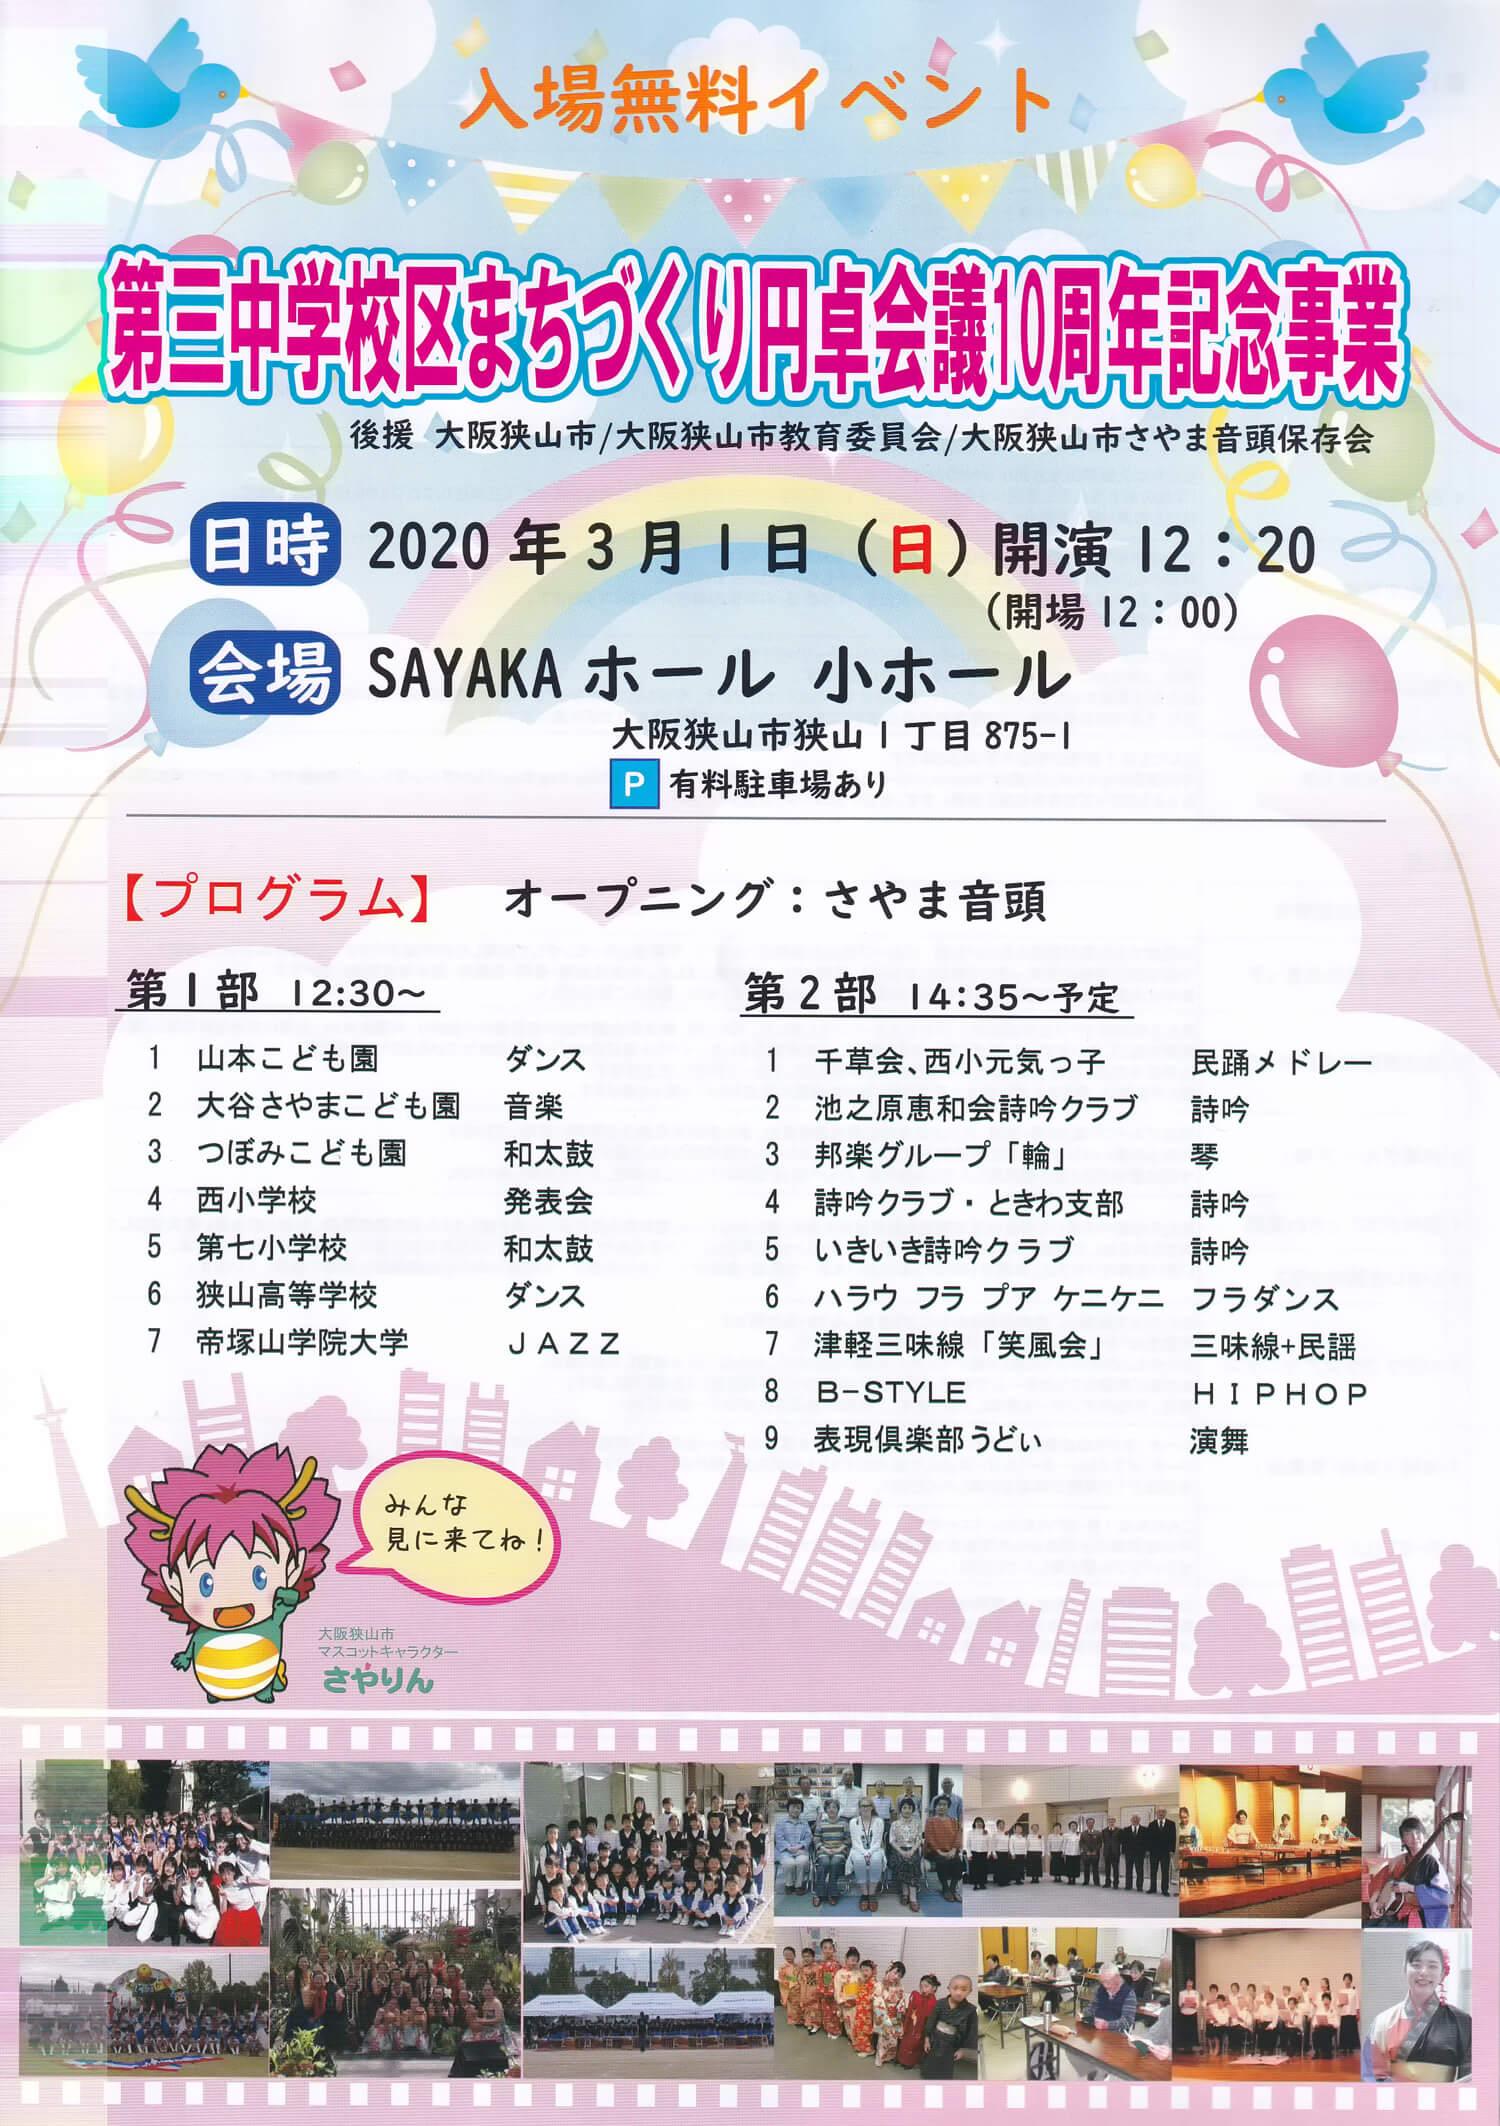 SAYAKAホール(小ホール)で「第三中学校区まちづくり円卓会議10周年記念事業」が2020年3月1日に開催されます